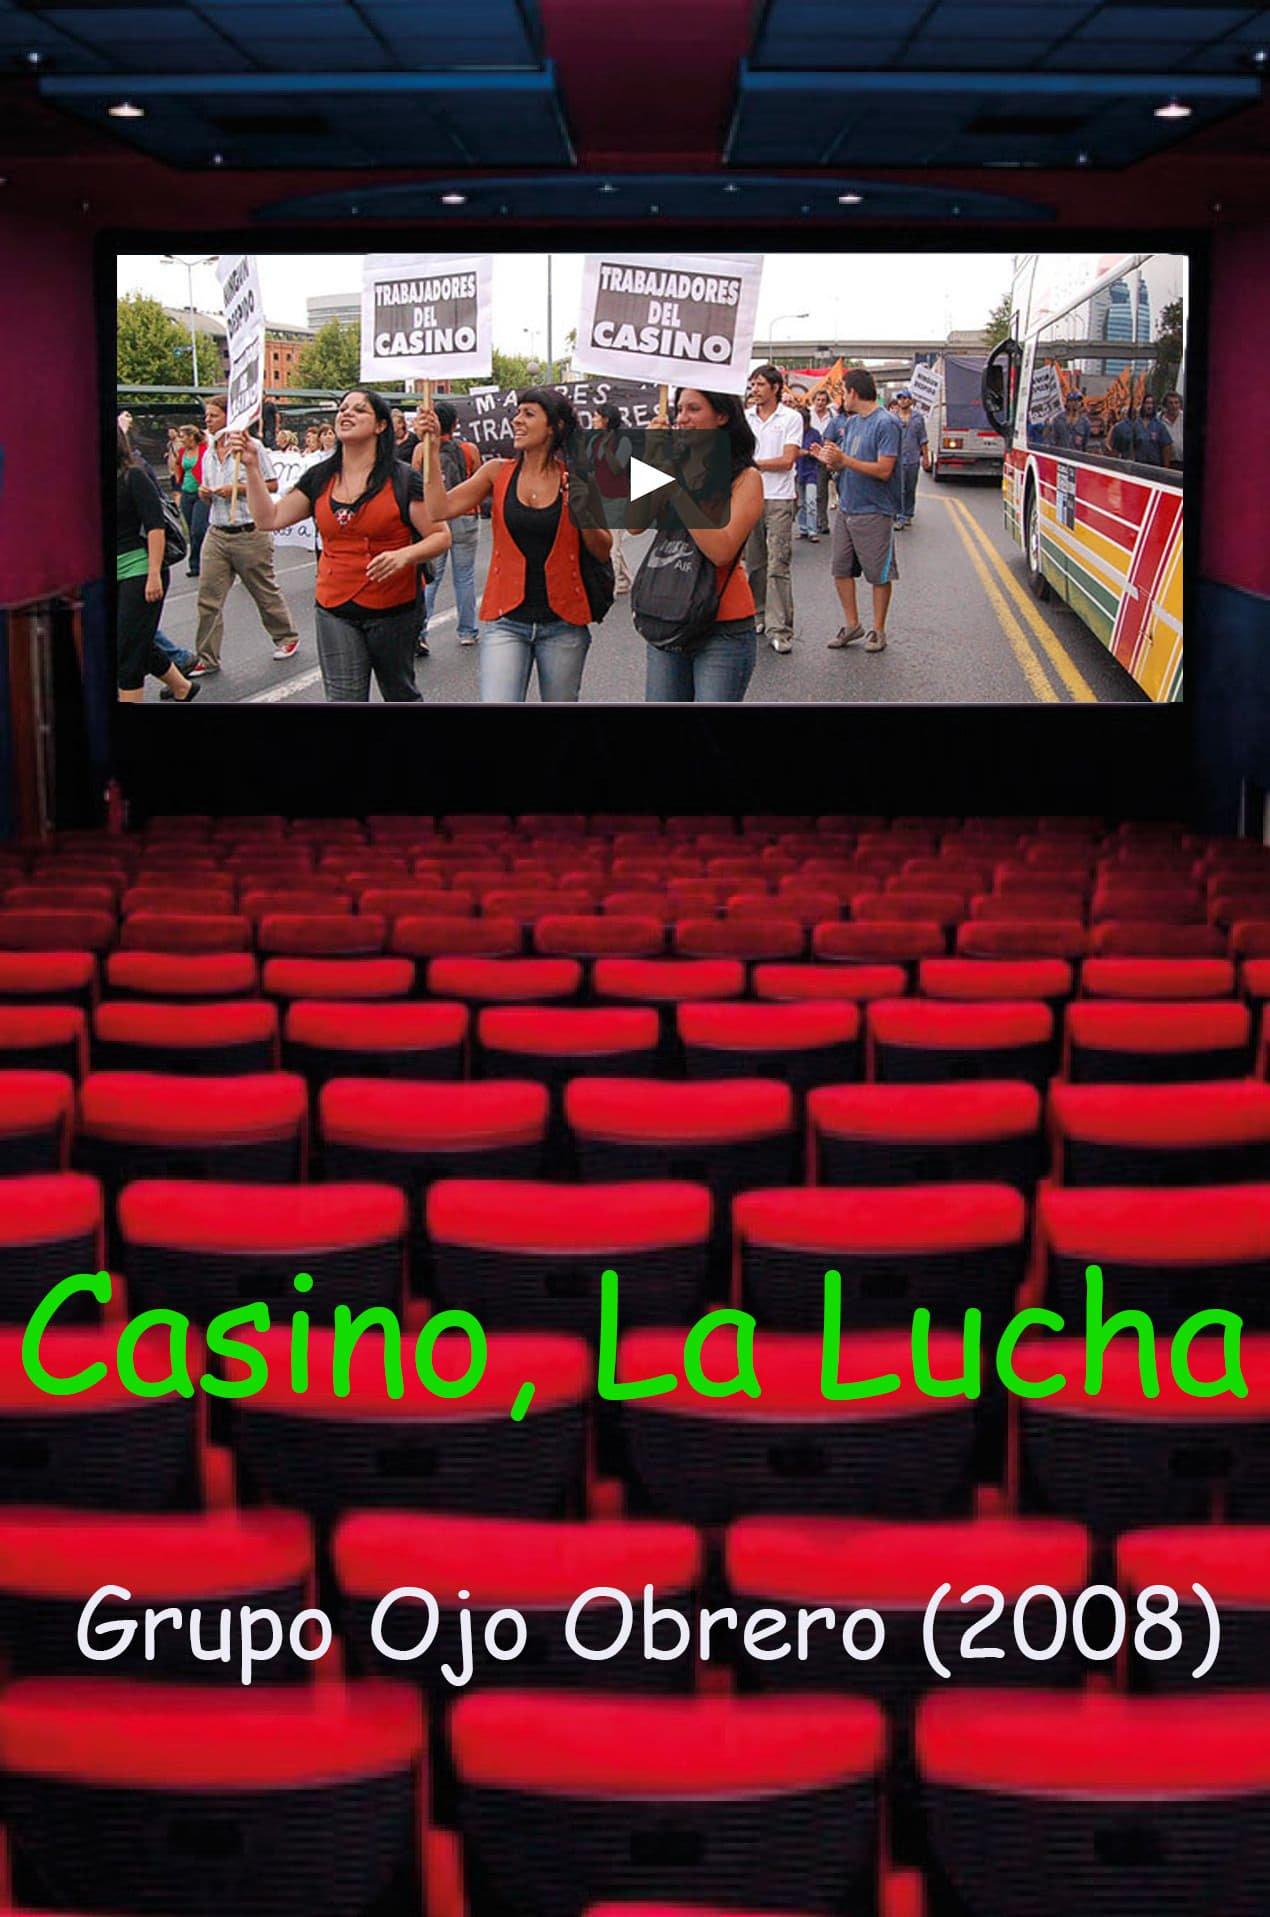 Casino, La lucha